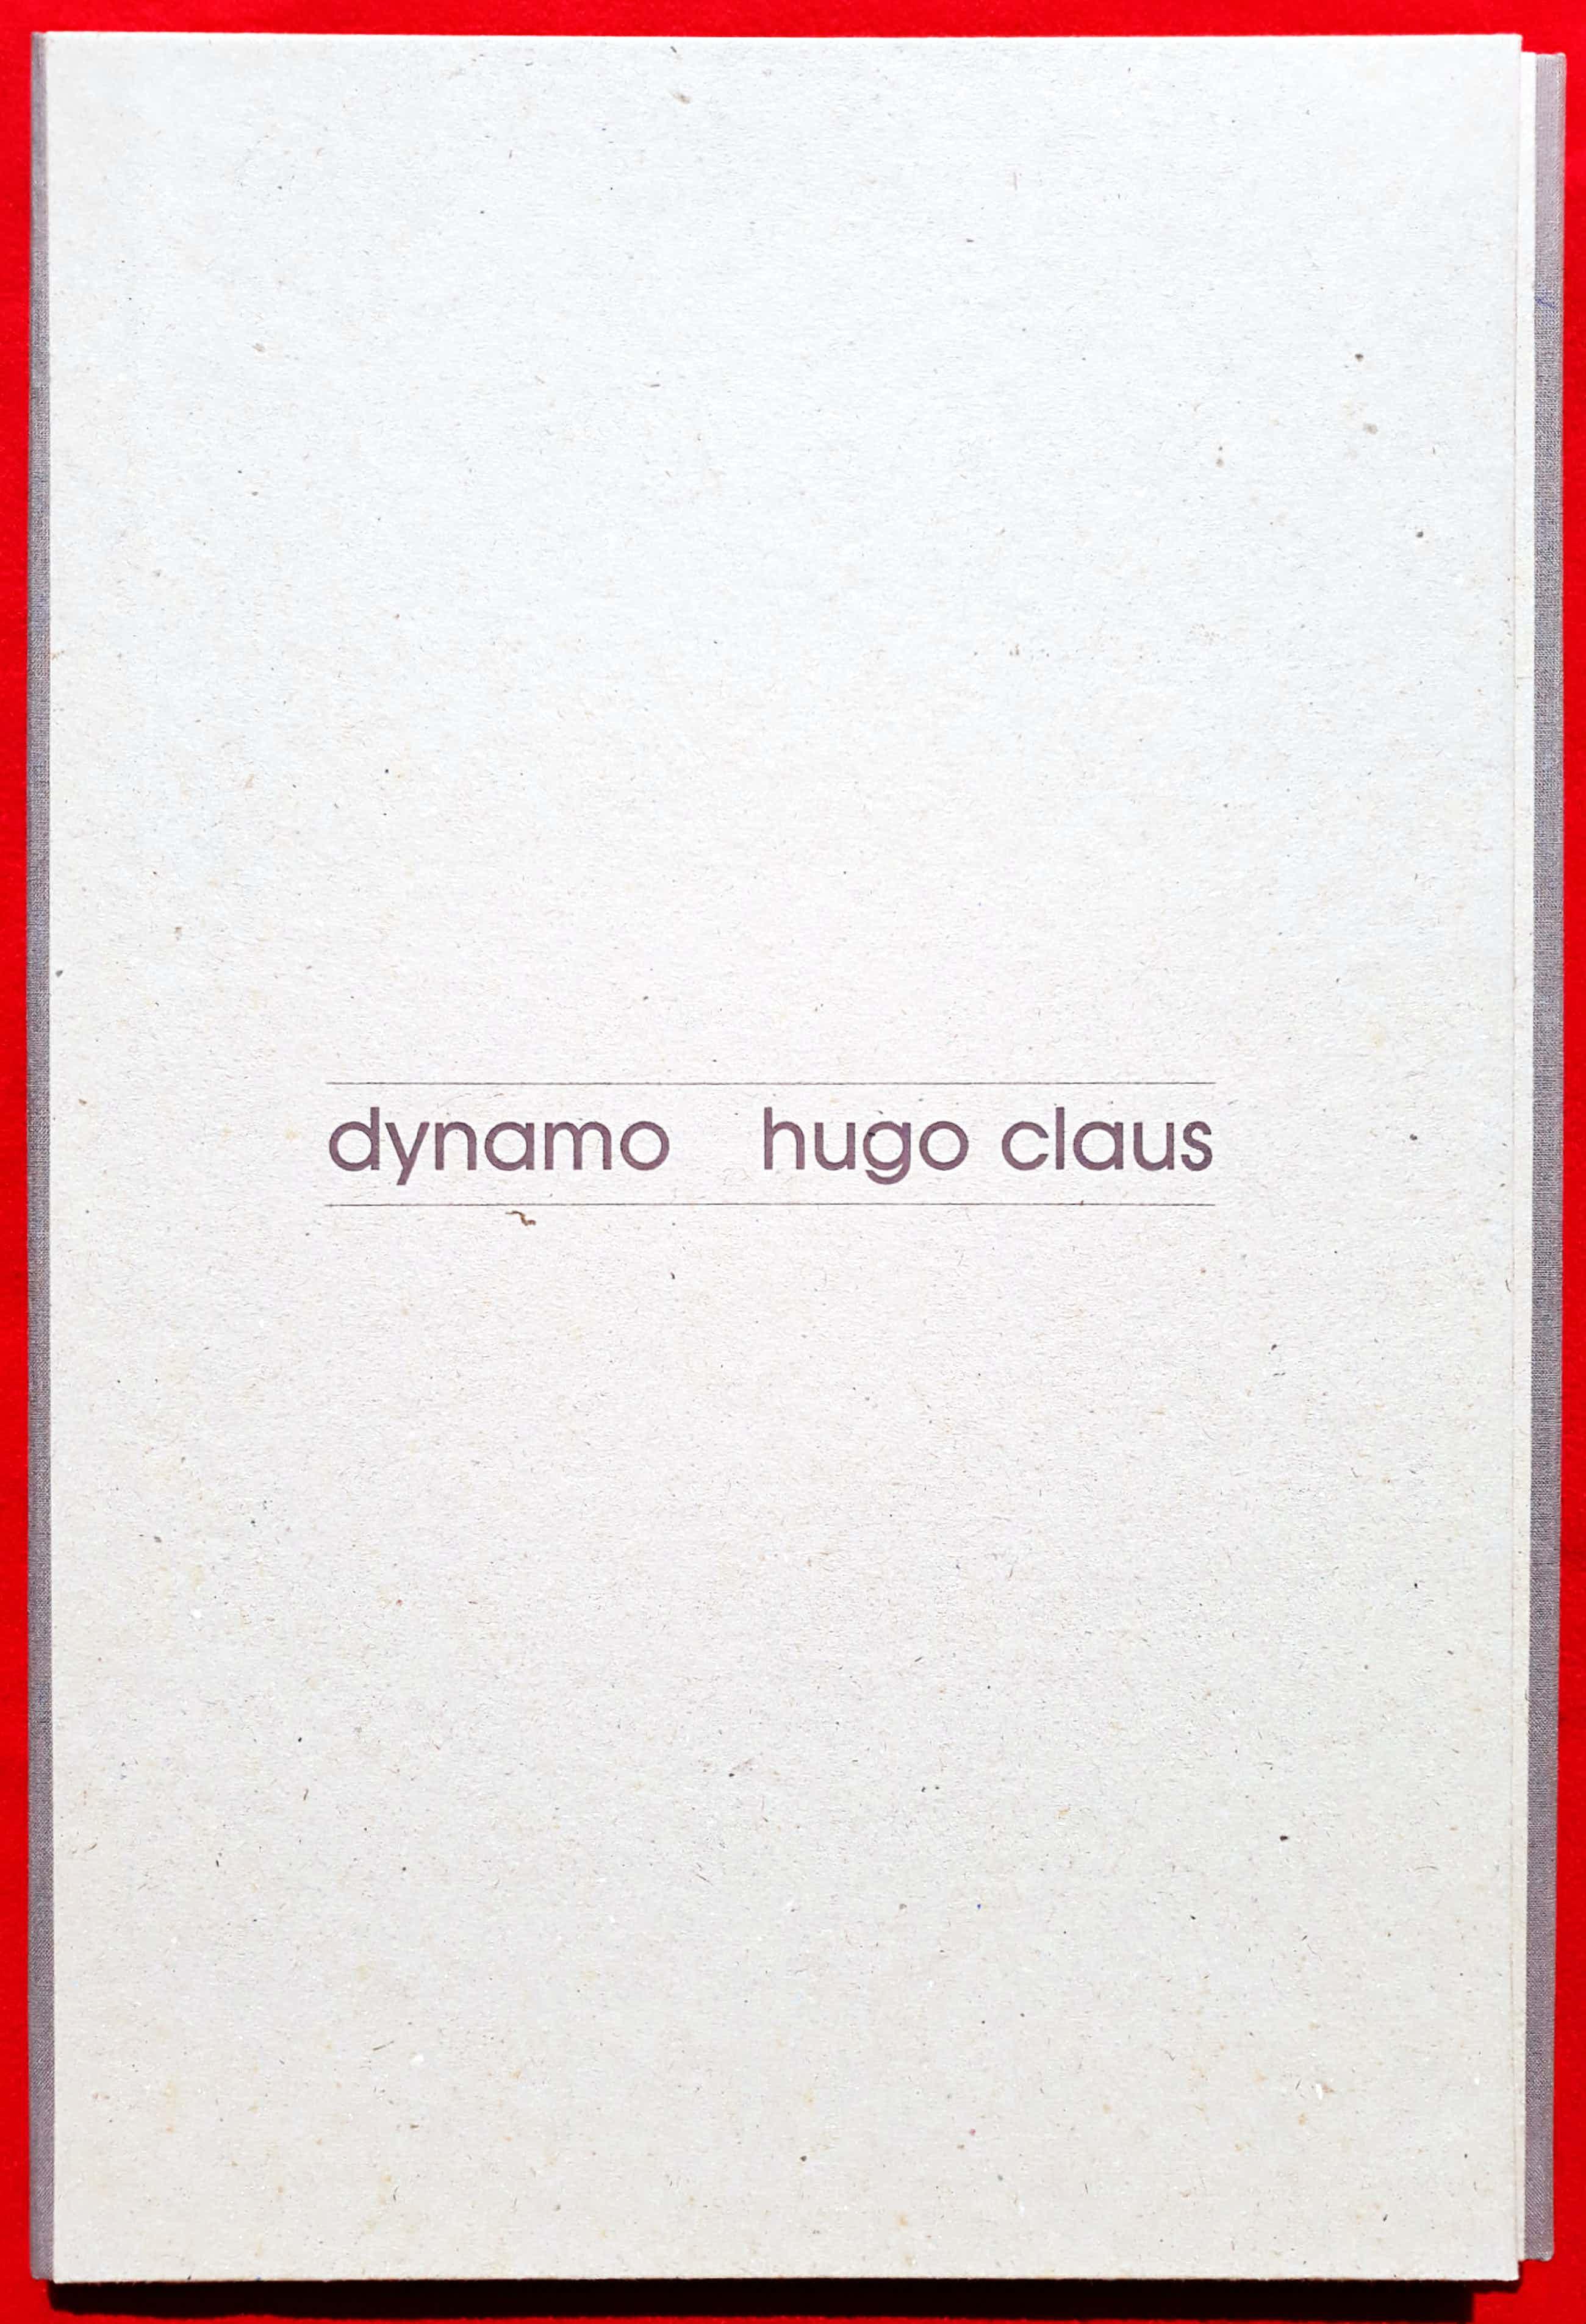 Hugo Claus - Dynamo, portfolio met 4 gedichten bij 4 zeefdrukken van Belgische kunstenaars kopen? Bied vanaf 195!